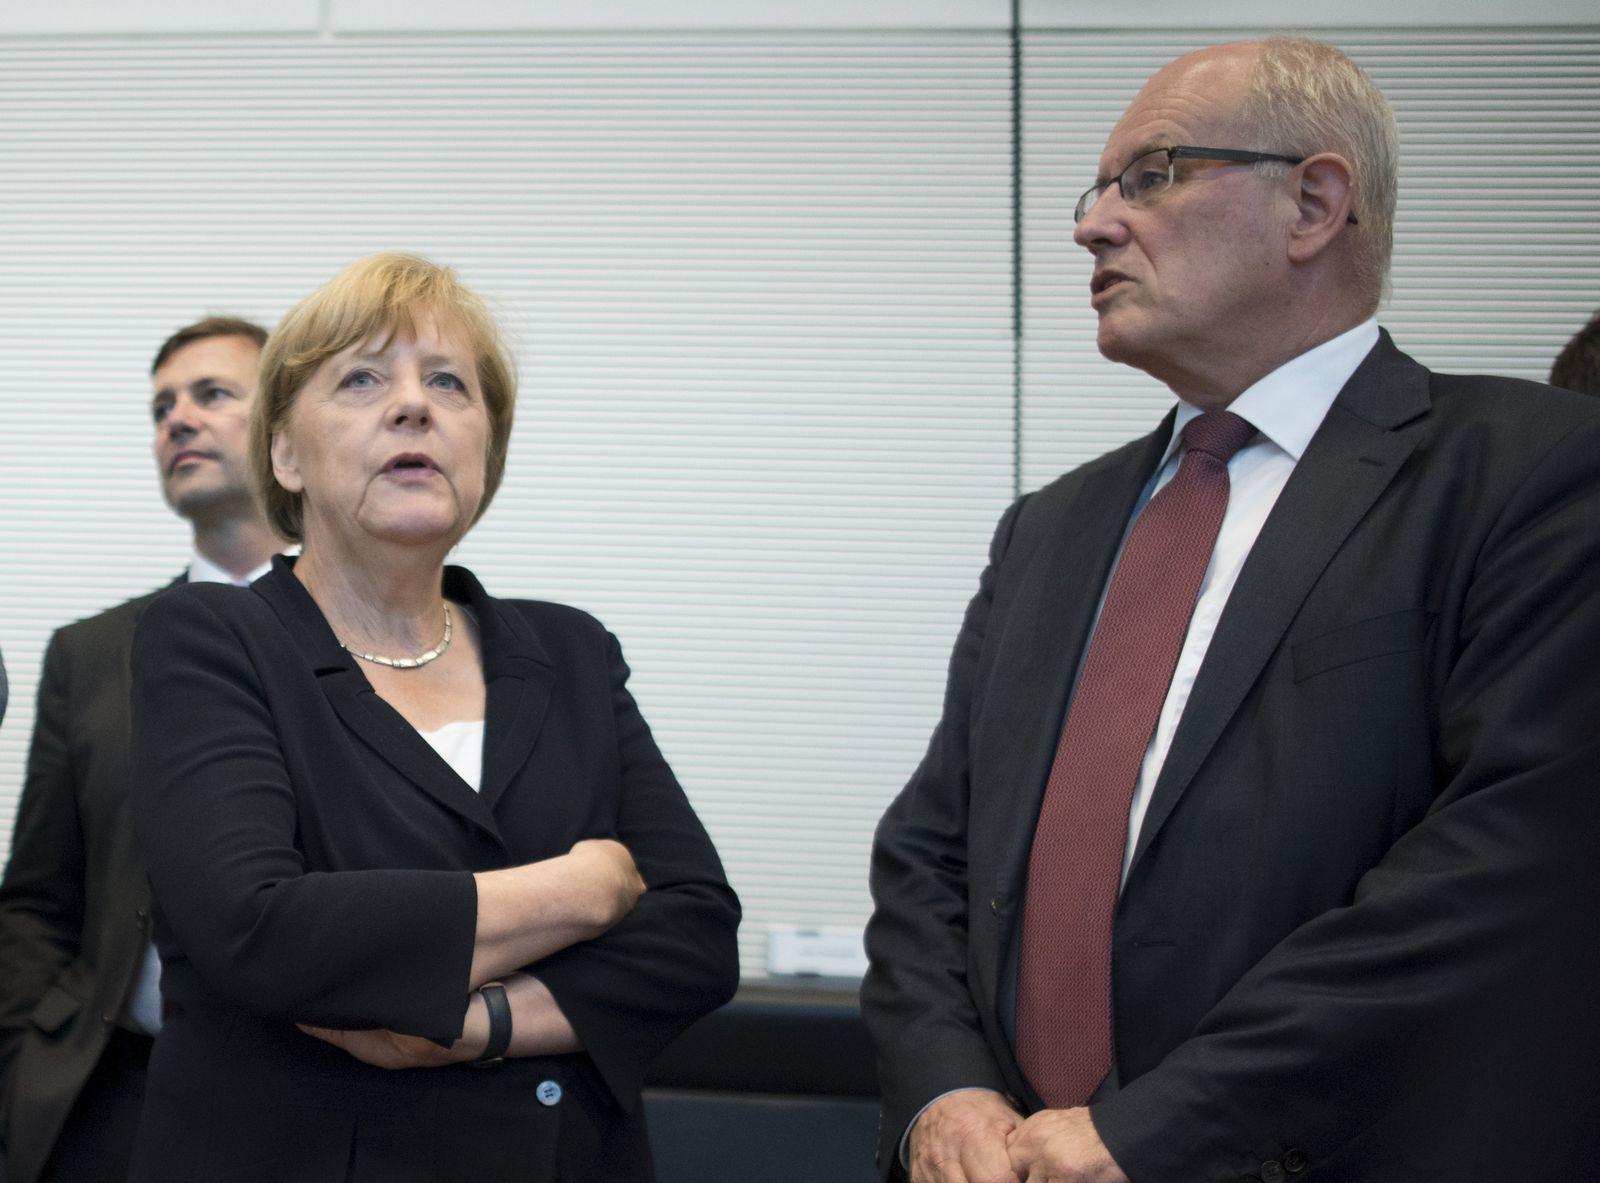 Merkel & Kauder